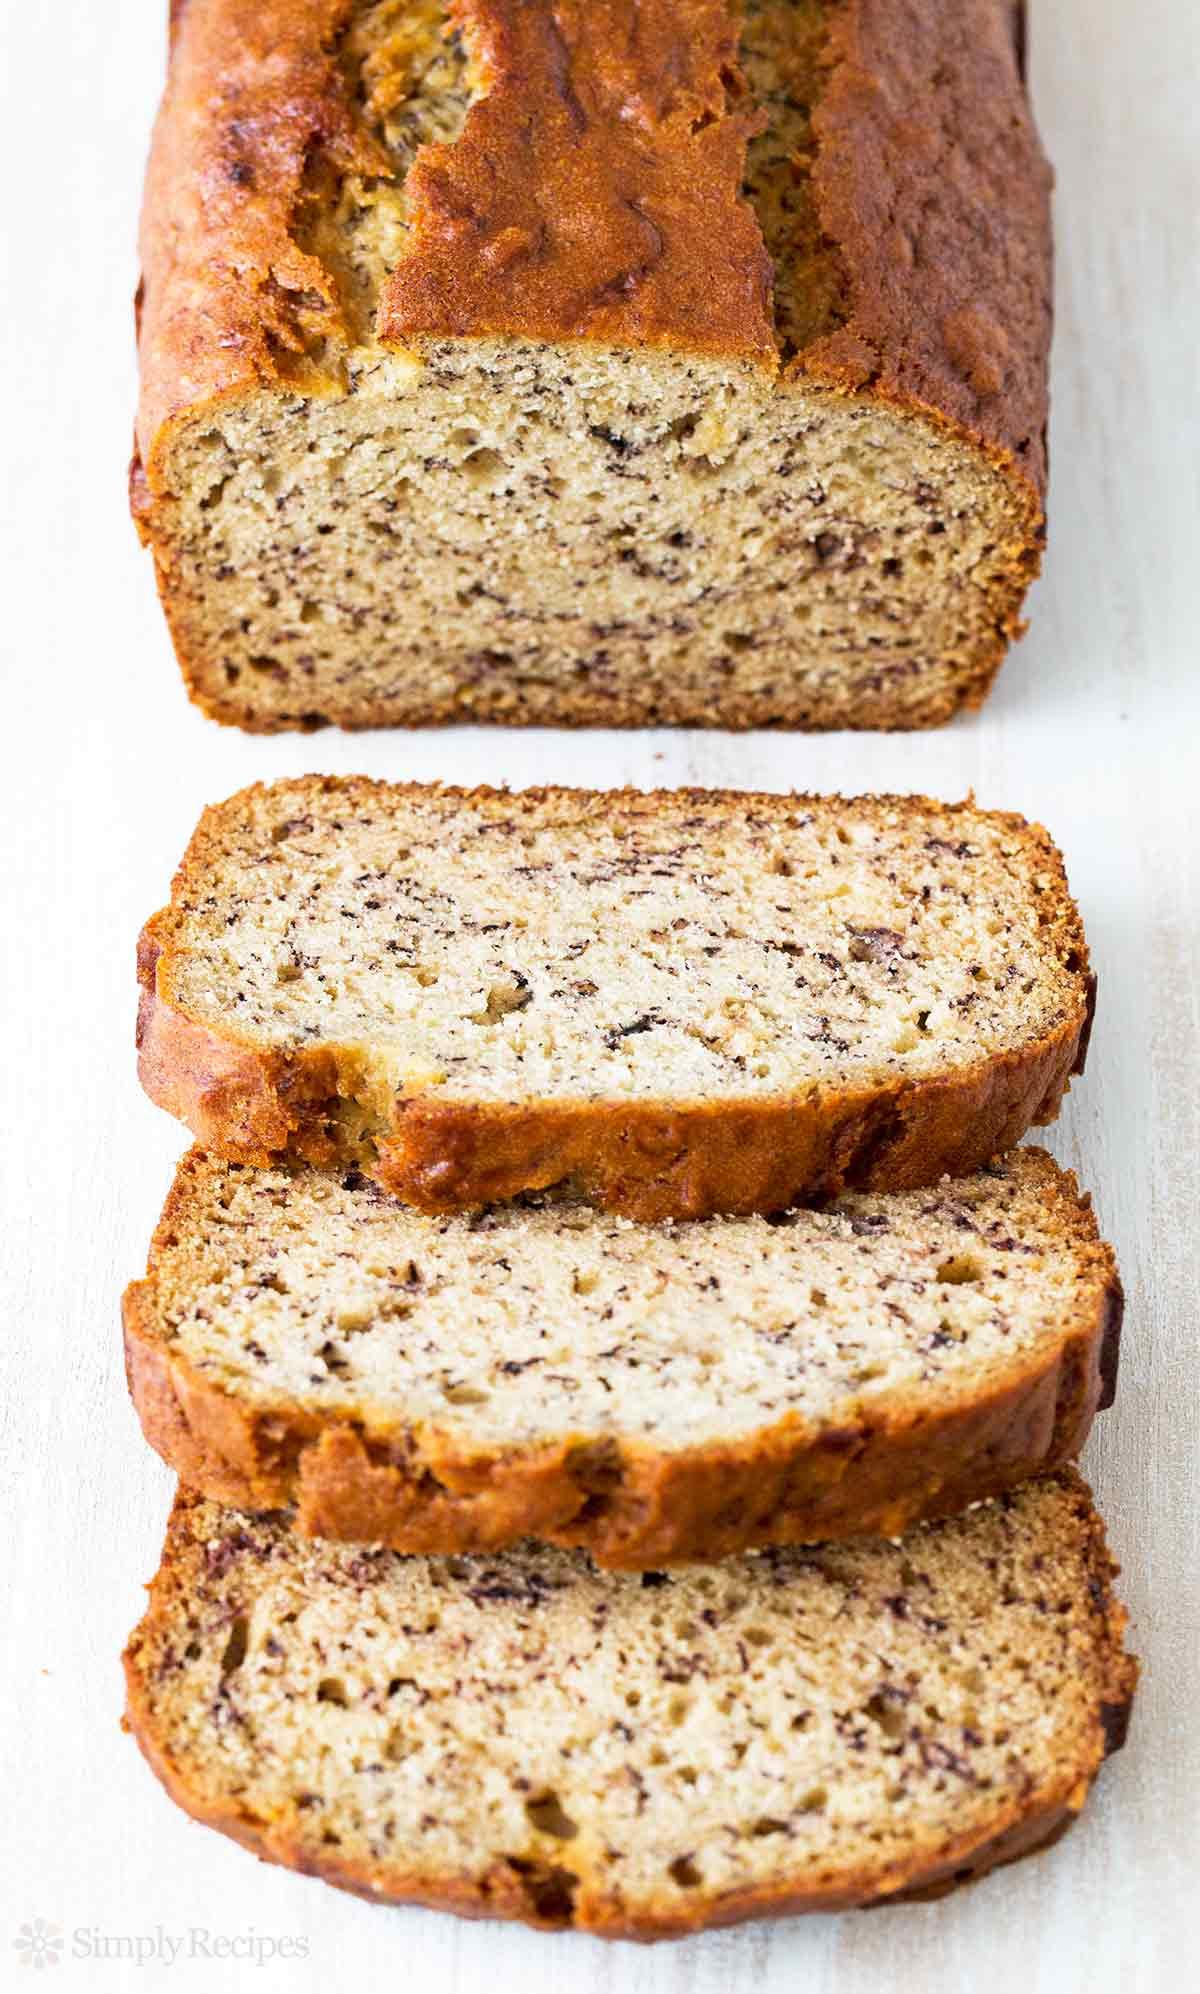 Banana Bread Recipe  Banana Bread Recipe [with video]